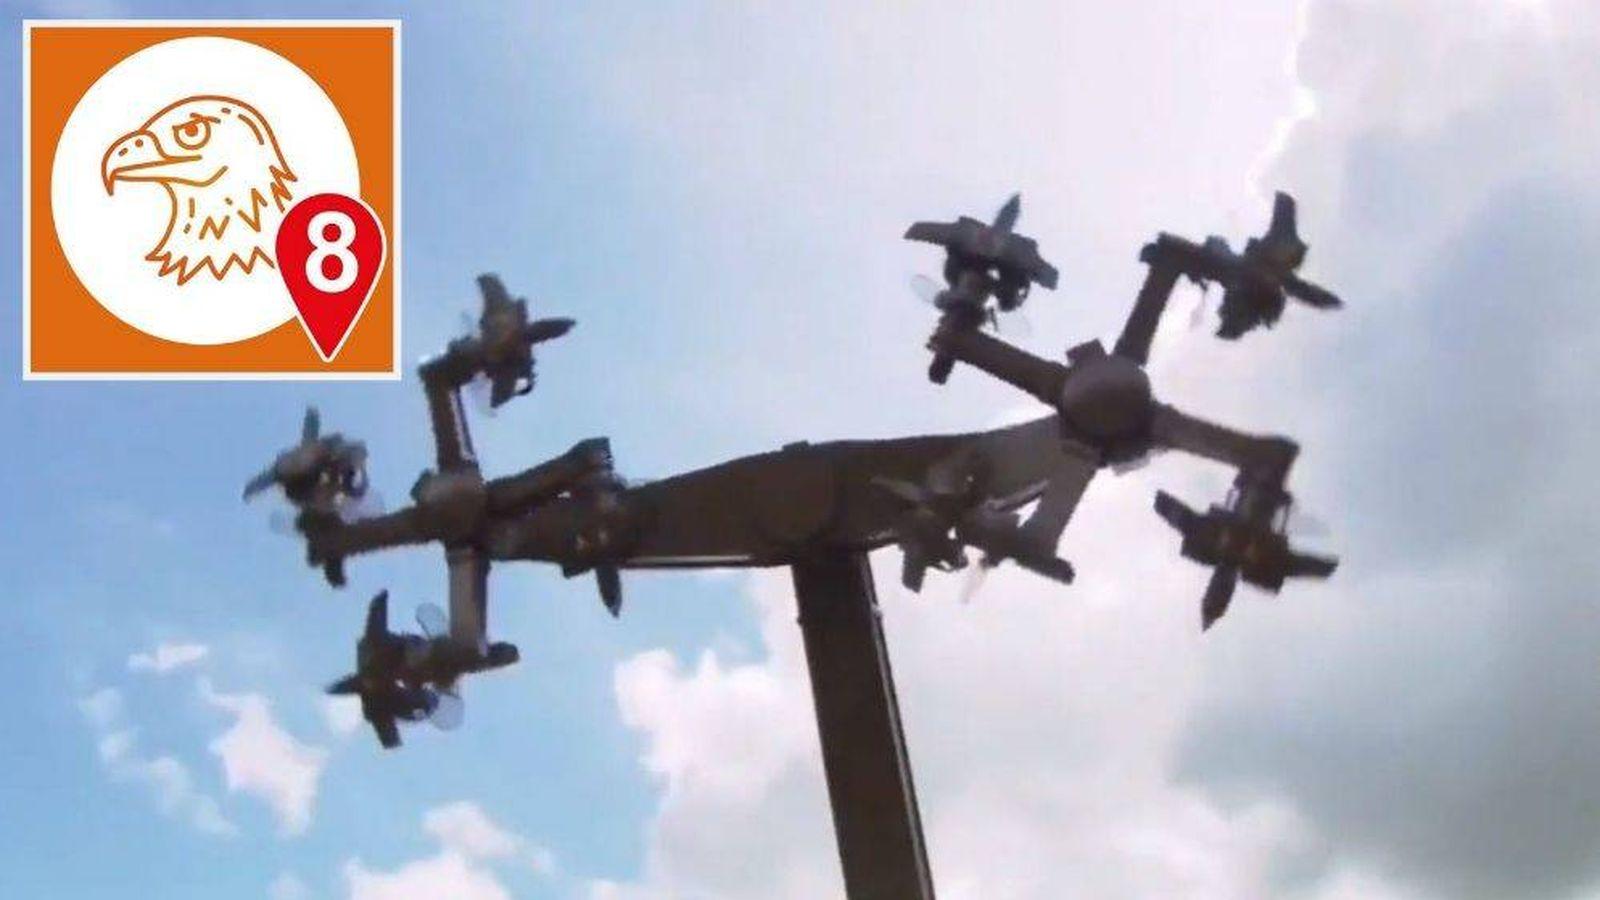 Foto: 'Eagle Fly' es el nombre de la atracción que el parque de Tatzmania, en Löffingen (suroeste de Alemania) se ha visto obligada a cerrar